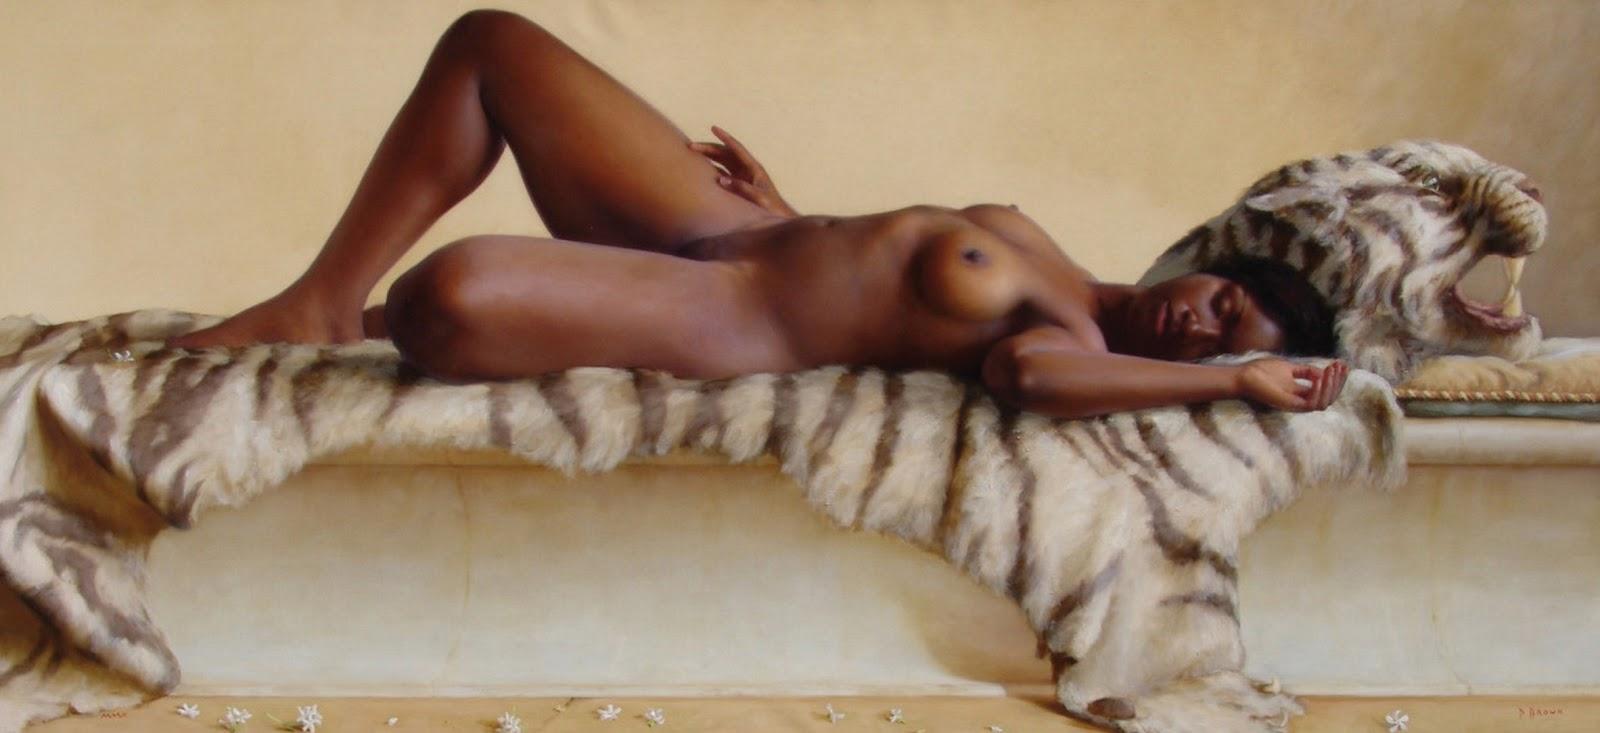 Los Desnudos Art Sticos Femeninos Paulbrown Carolina Del Norte